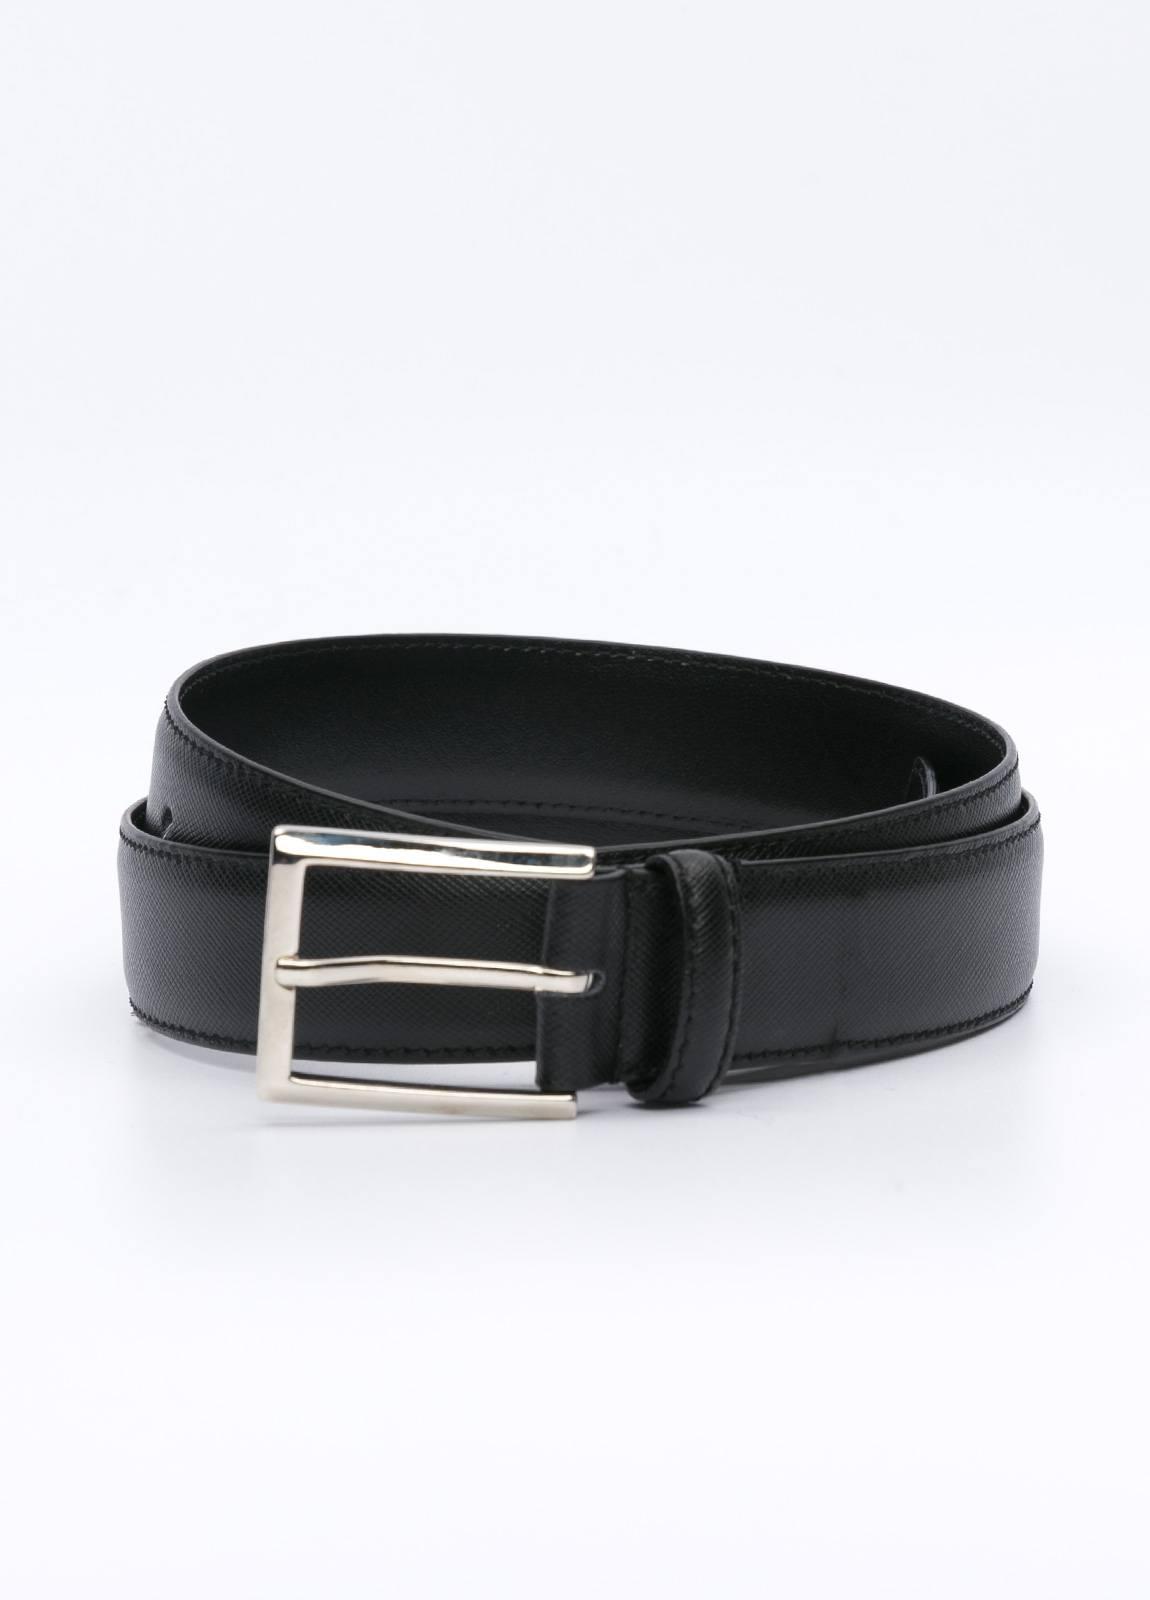 Cinturón Vestir FUREST COLECCIÓN piel grabada negro